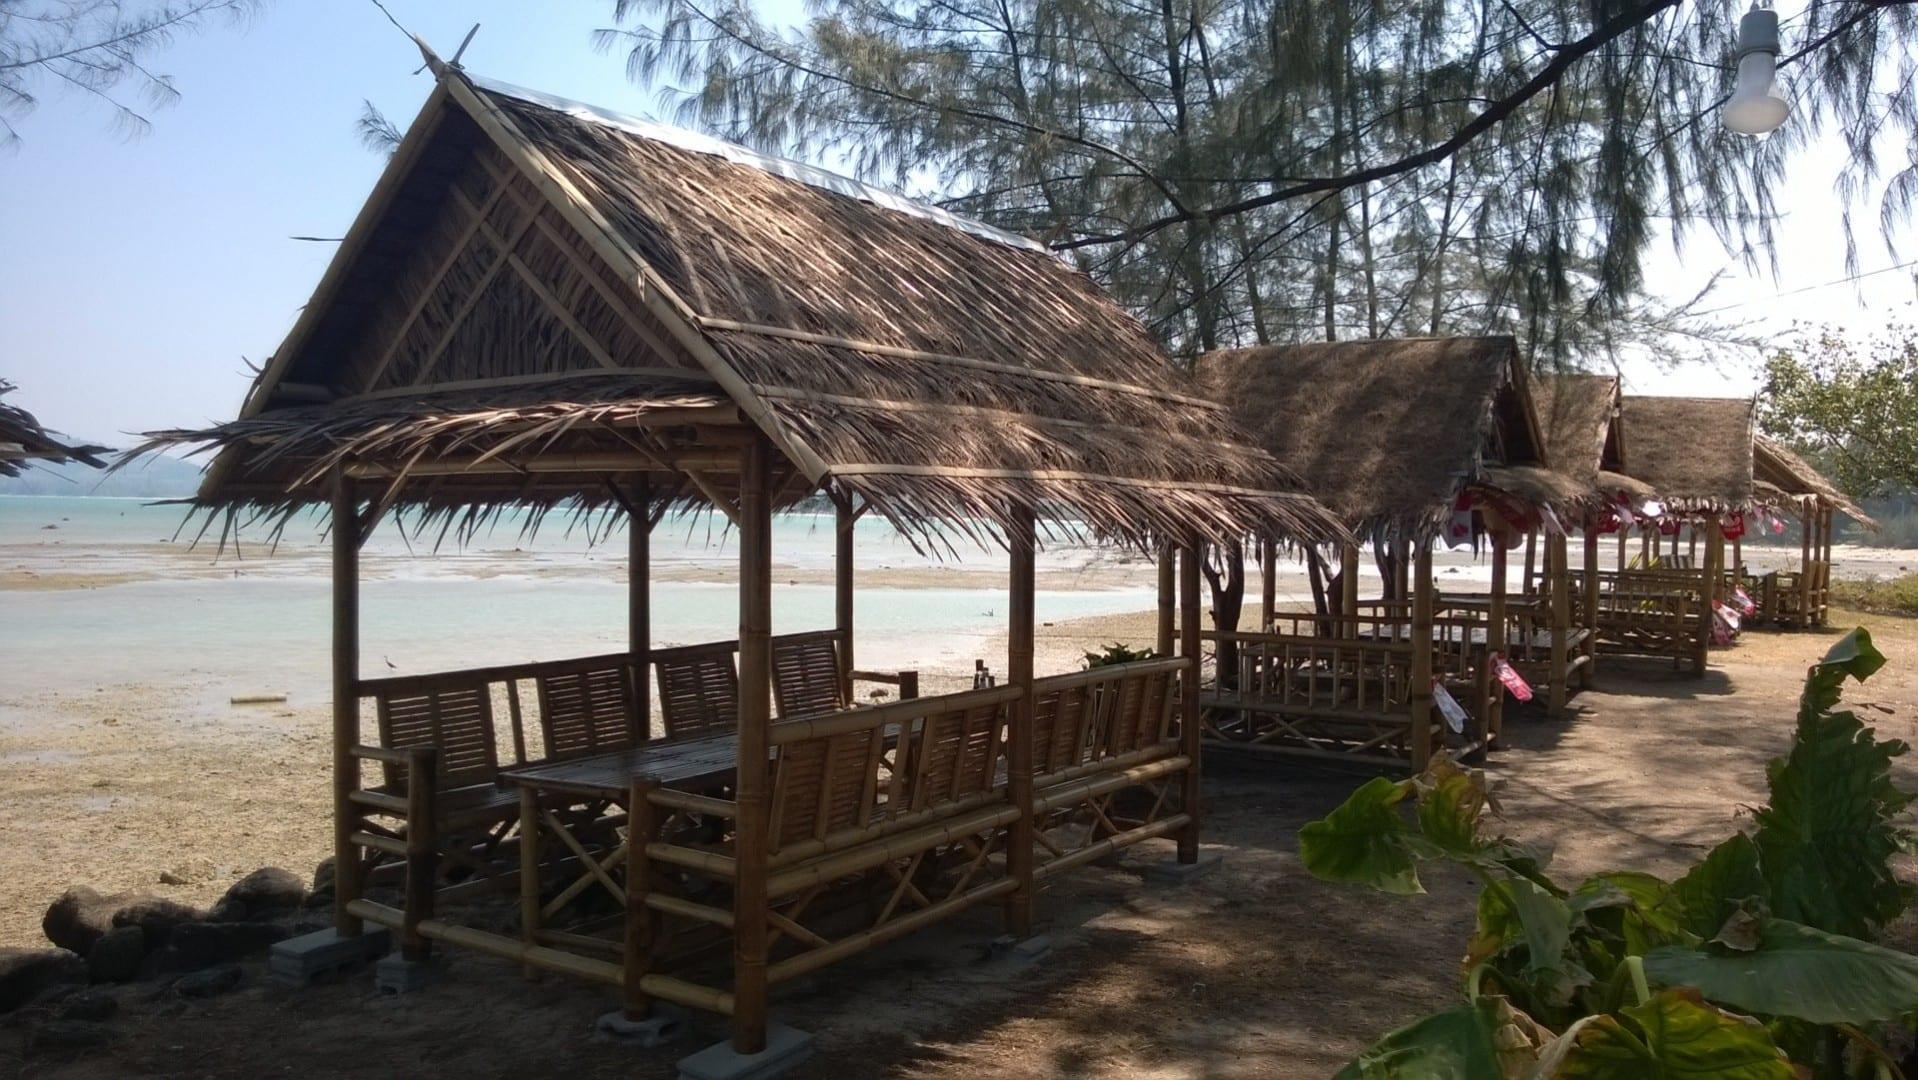 Las cabañas se alinean en la orilla de la playa Pakarang. Khao Lak Tailandia